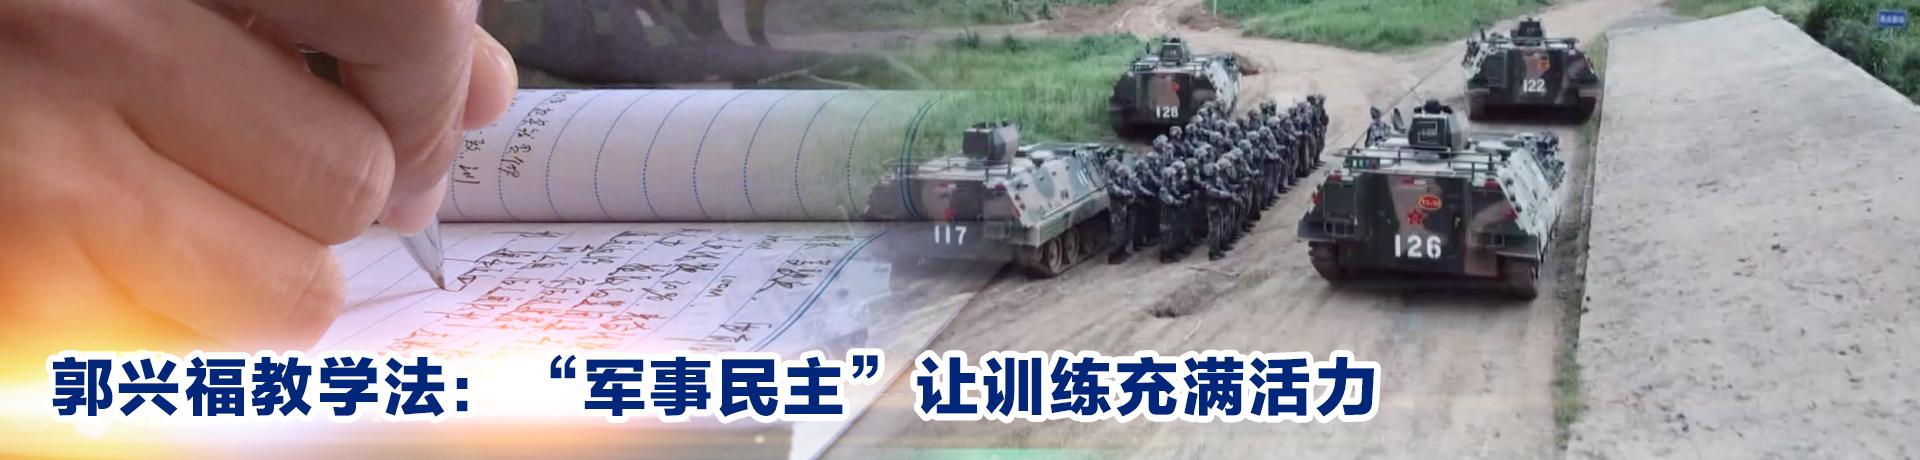 """""""郭兴福教学法"""":""""军事民主""""让训练充满活力"""